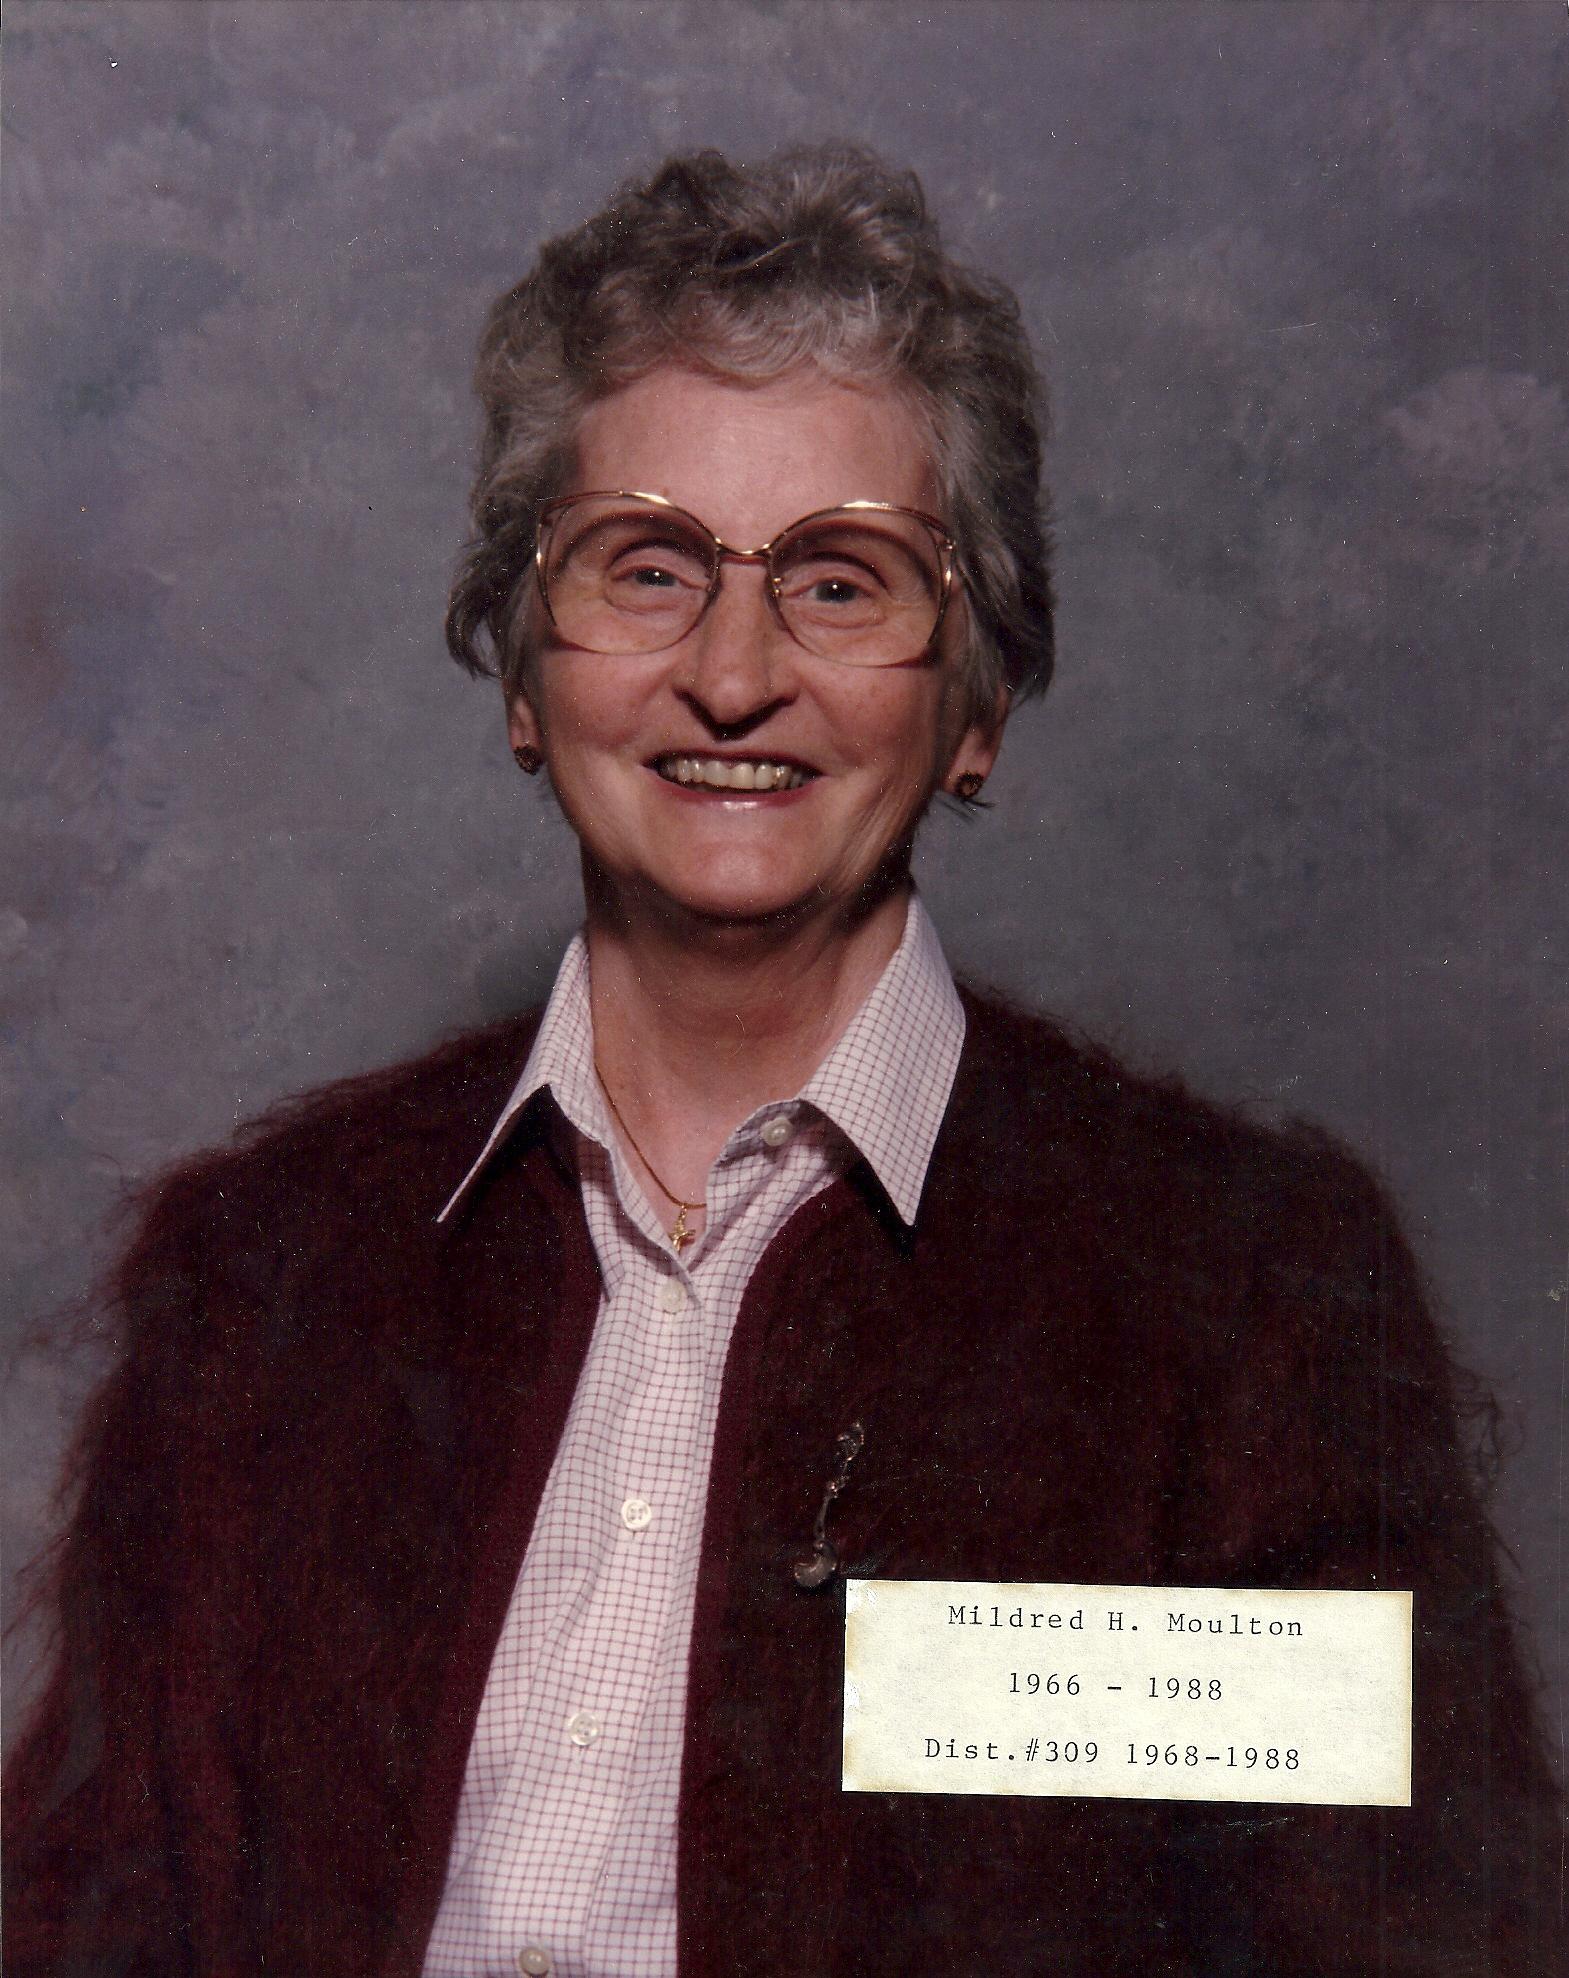 Mildred H. Moulton